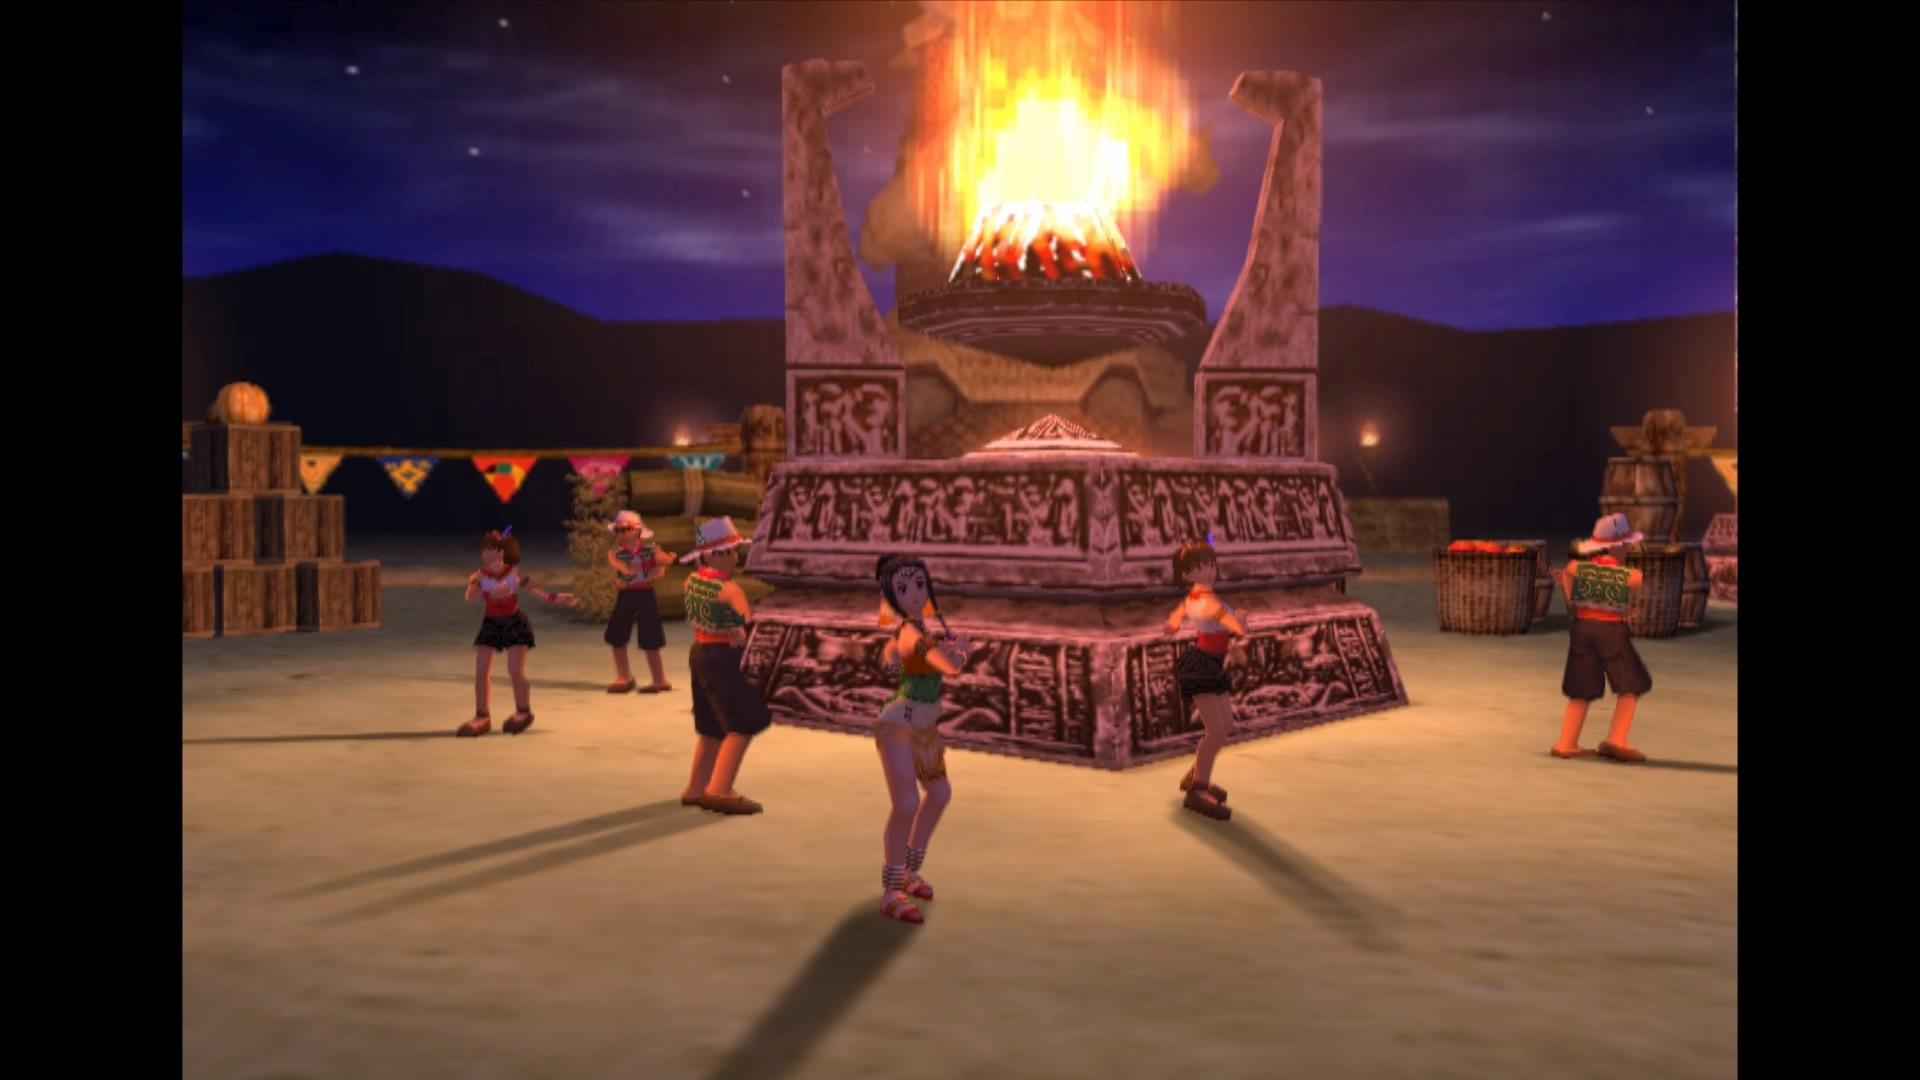 PS2 hry na PlayStationu 4 stojí 269 až 409 korun 116930